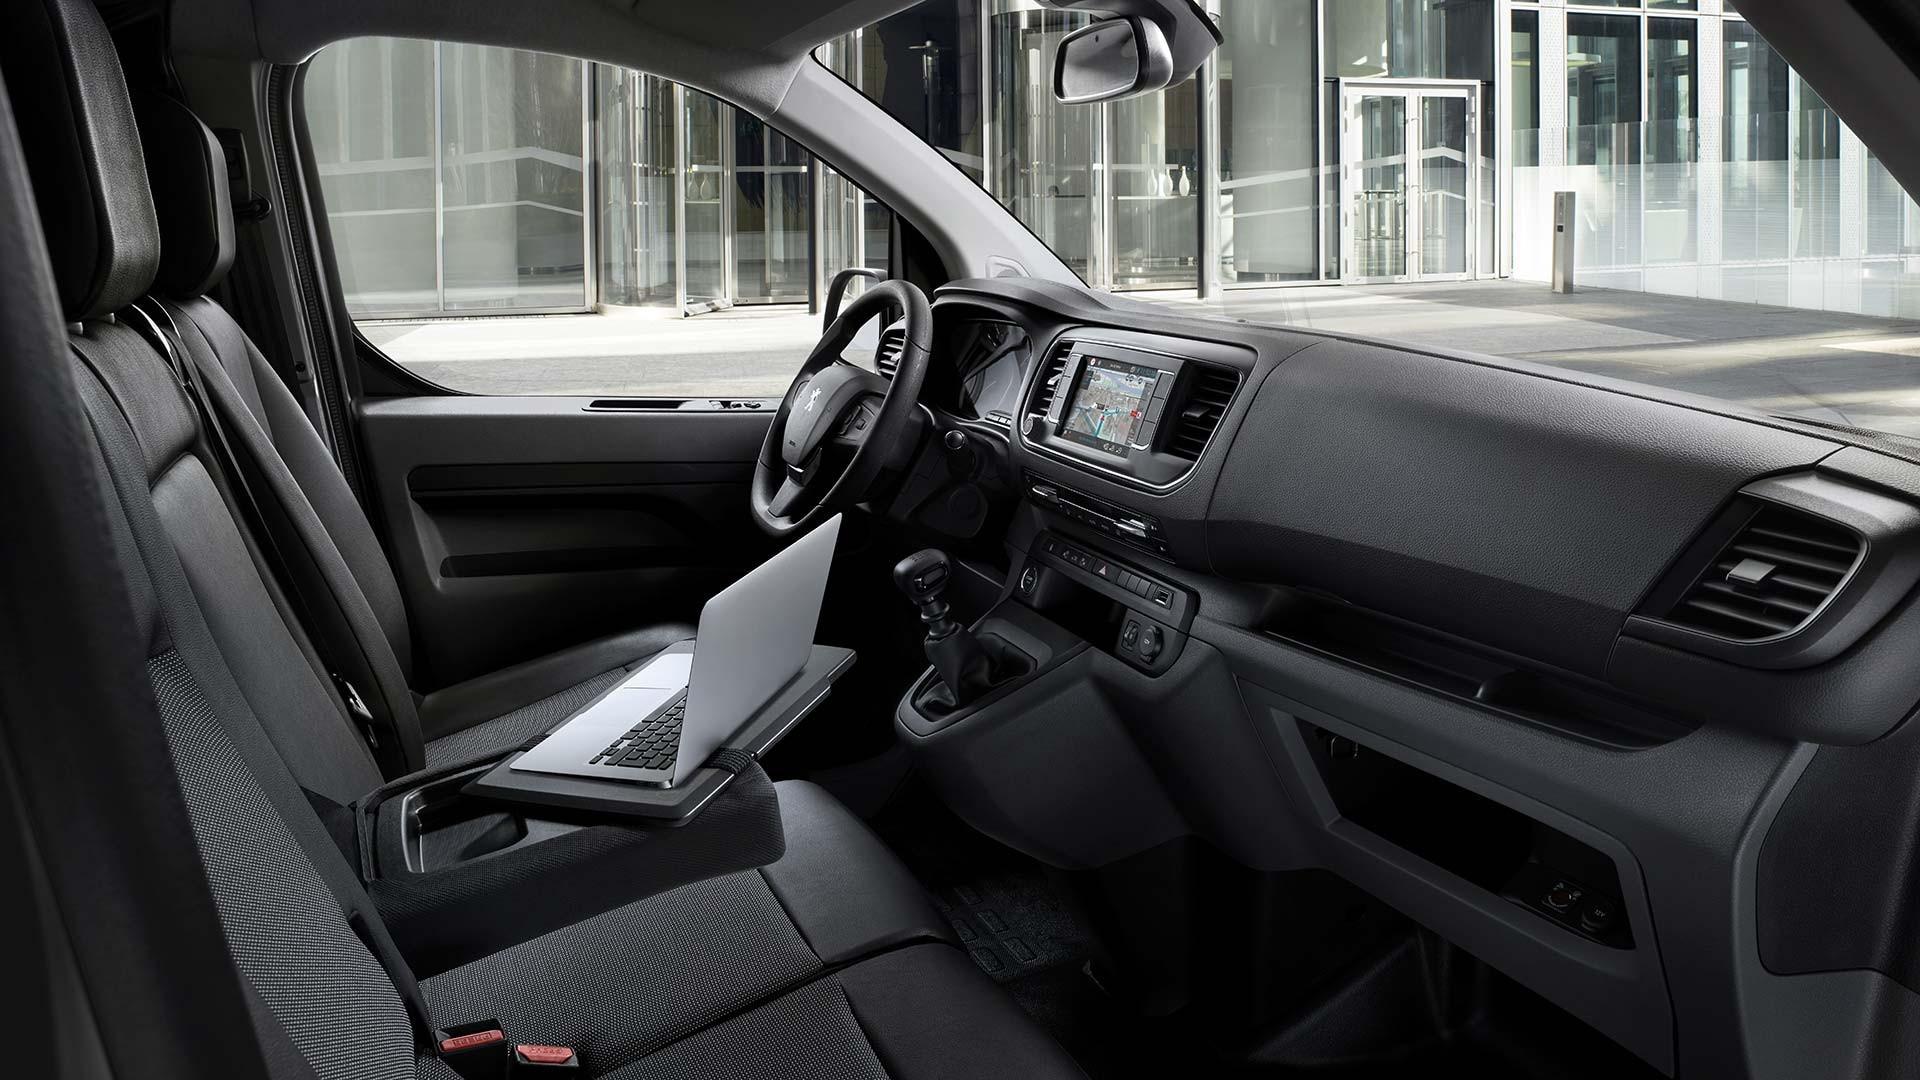 Mini Kühlschrank Expert : Peugeot expert kastenwagen mehr laden weniger tanken